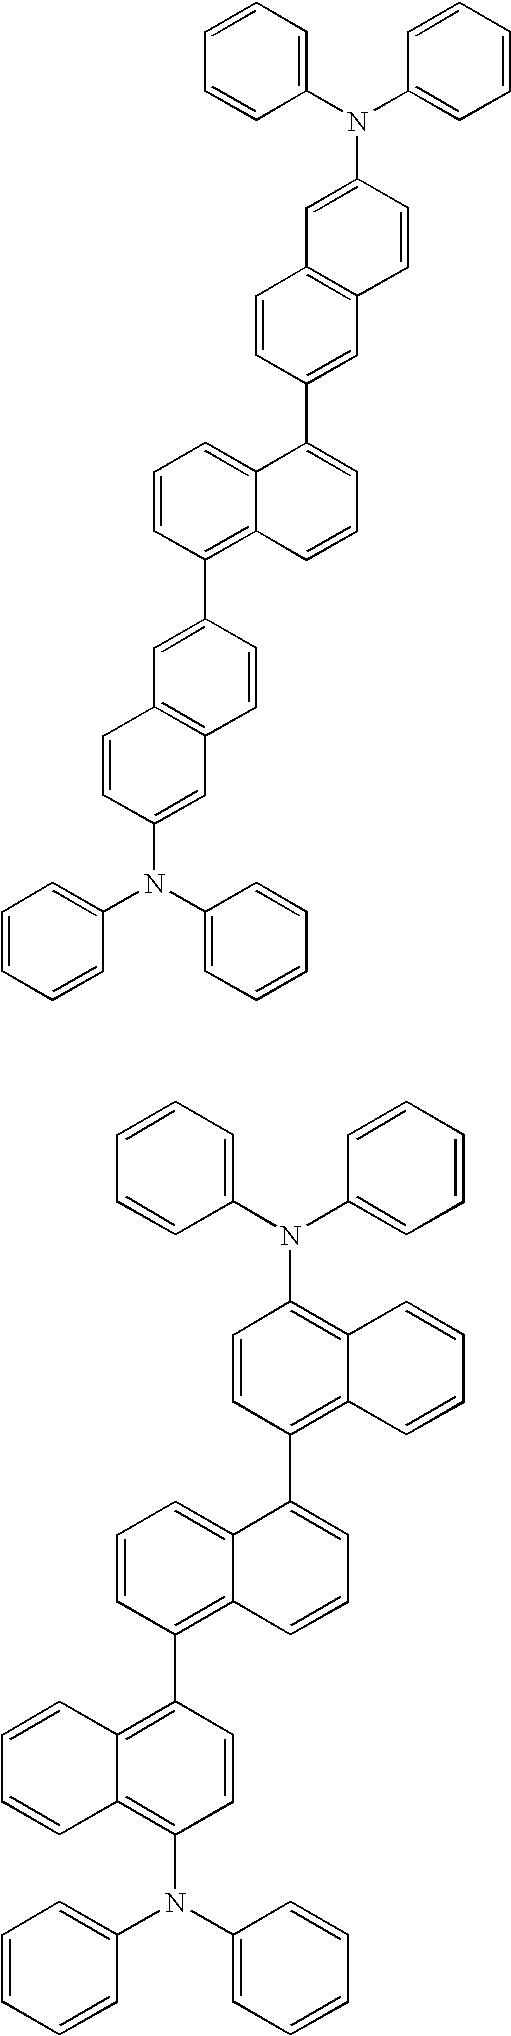 Figure US20100171109A1-20100708-C00068